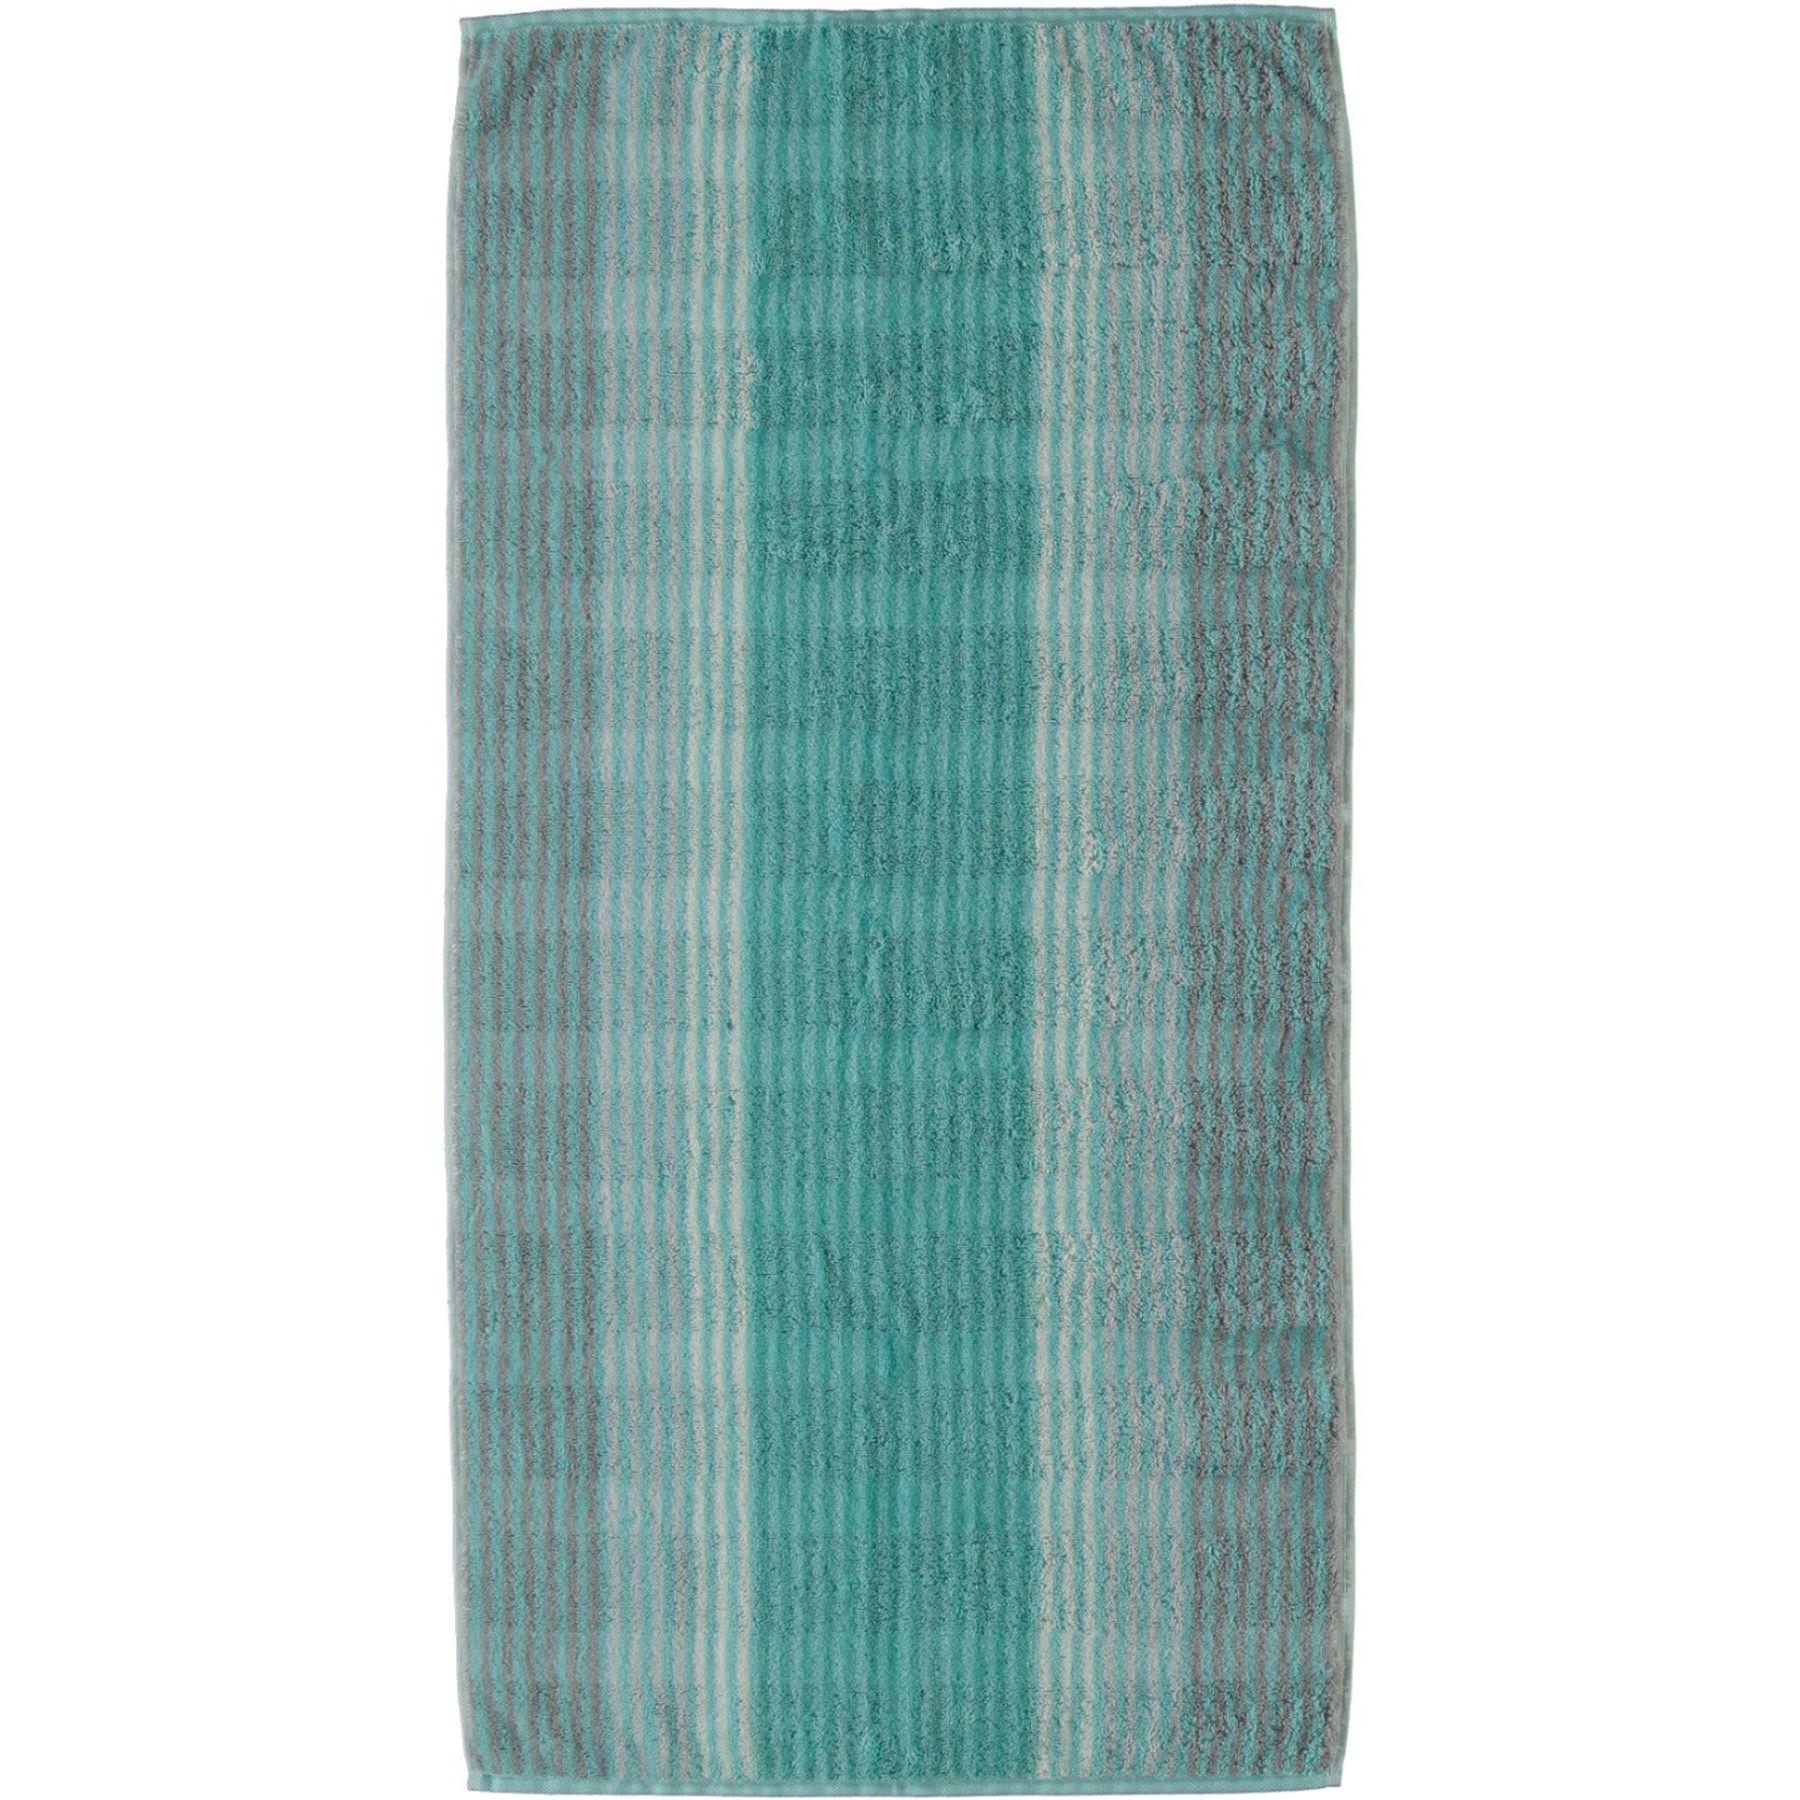 Cawö - Frottier Duschtuch mit Streifen Muster in verschiedenen Farben und Größen(1056) Noblesse Cashmere – Bild 1